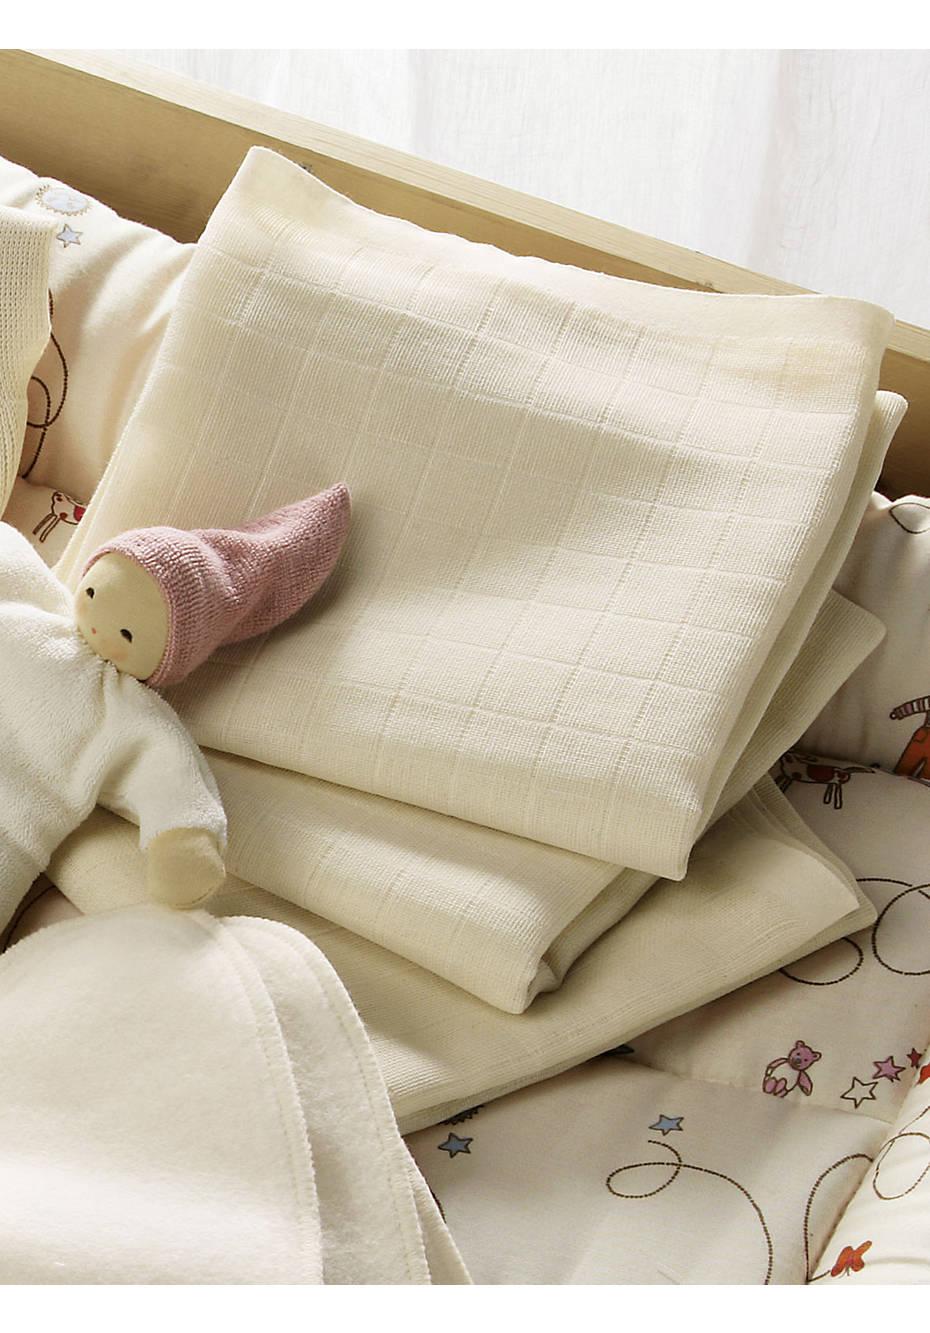 Mullwindel im 3er-Pack aus reiner Bio-Baumwolle